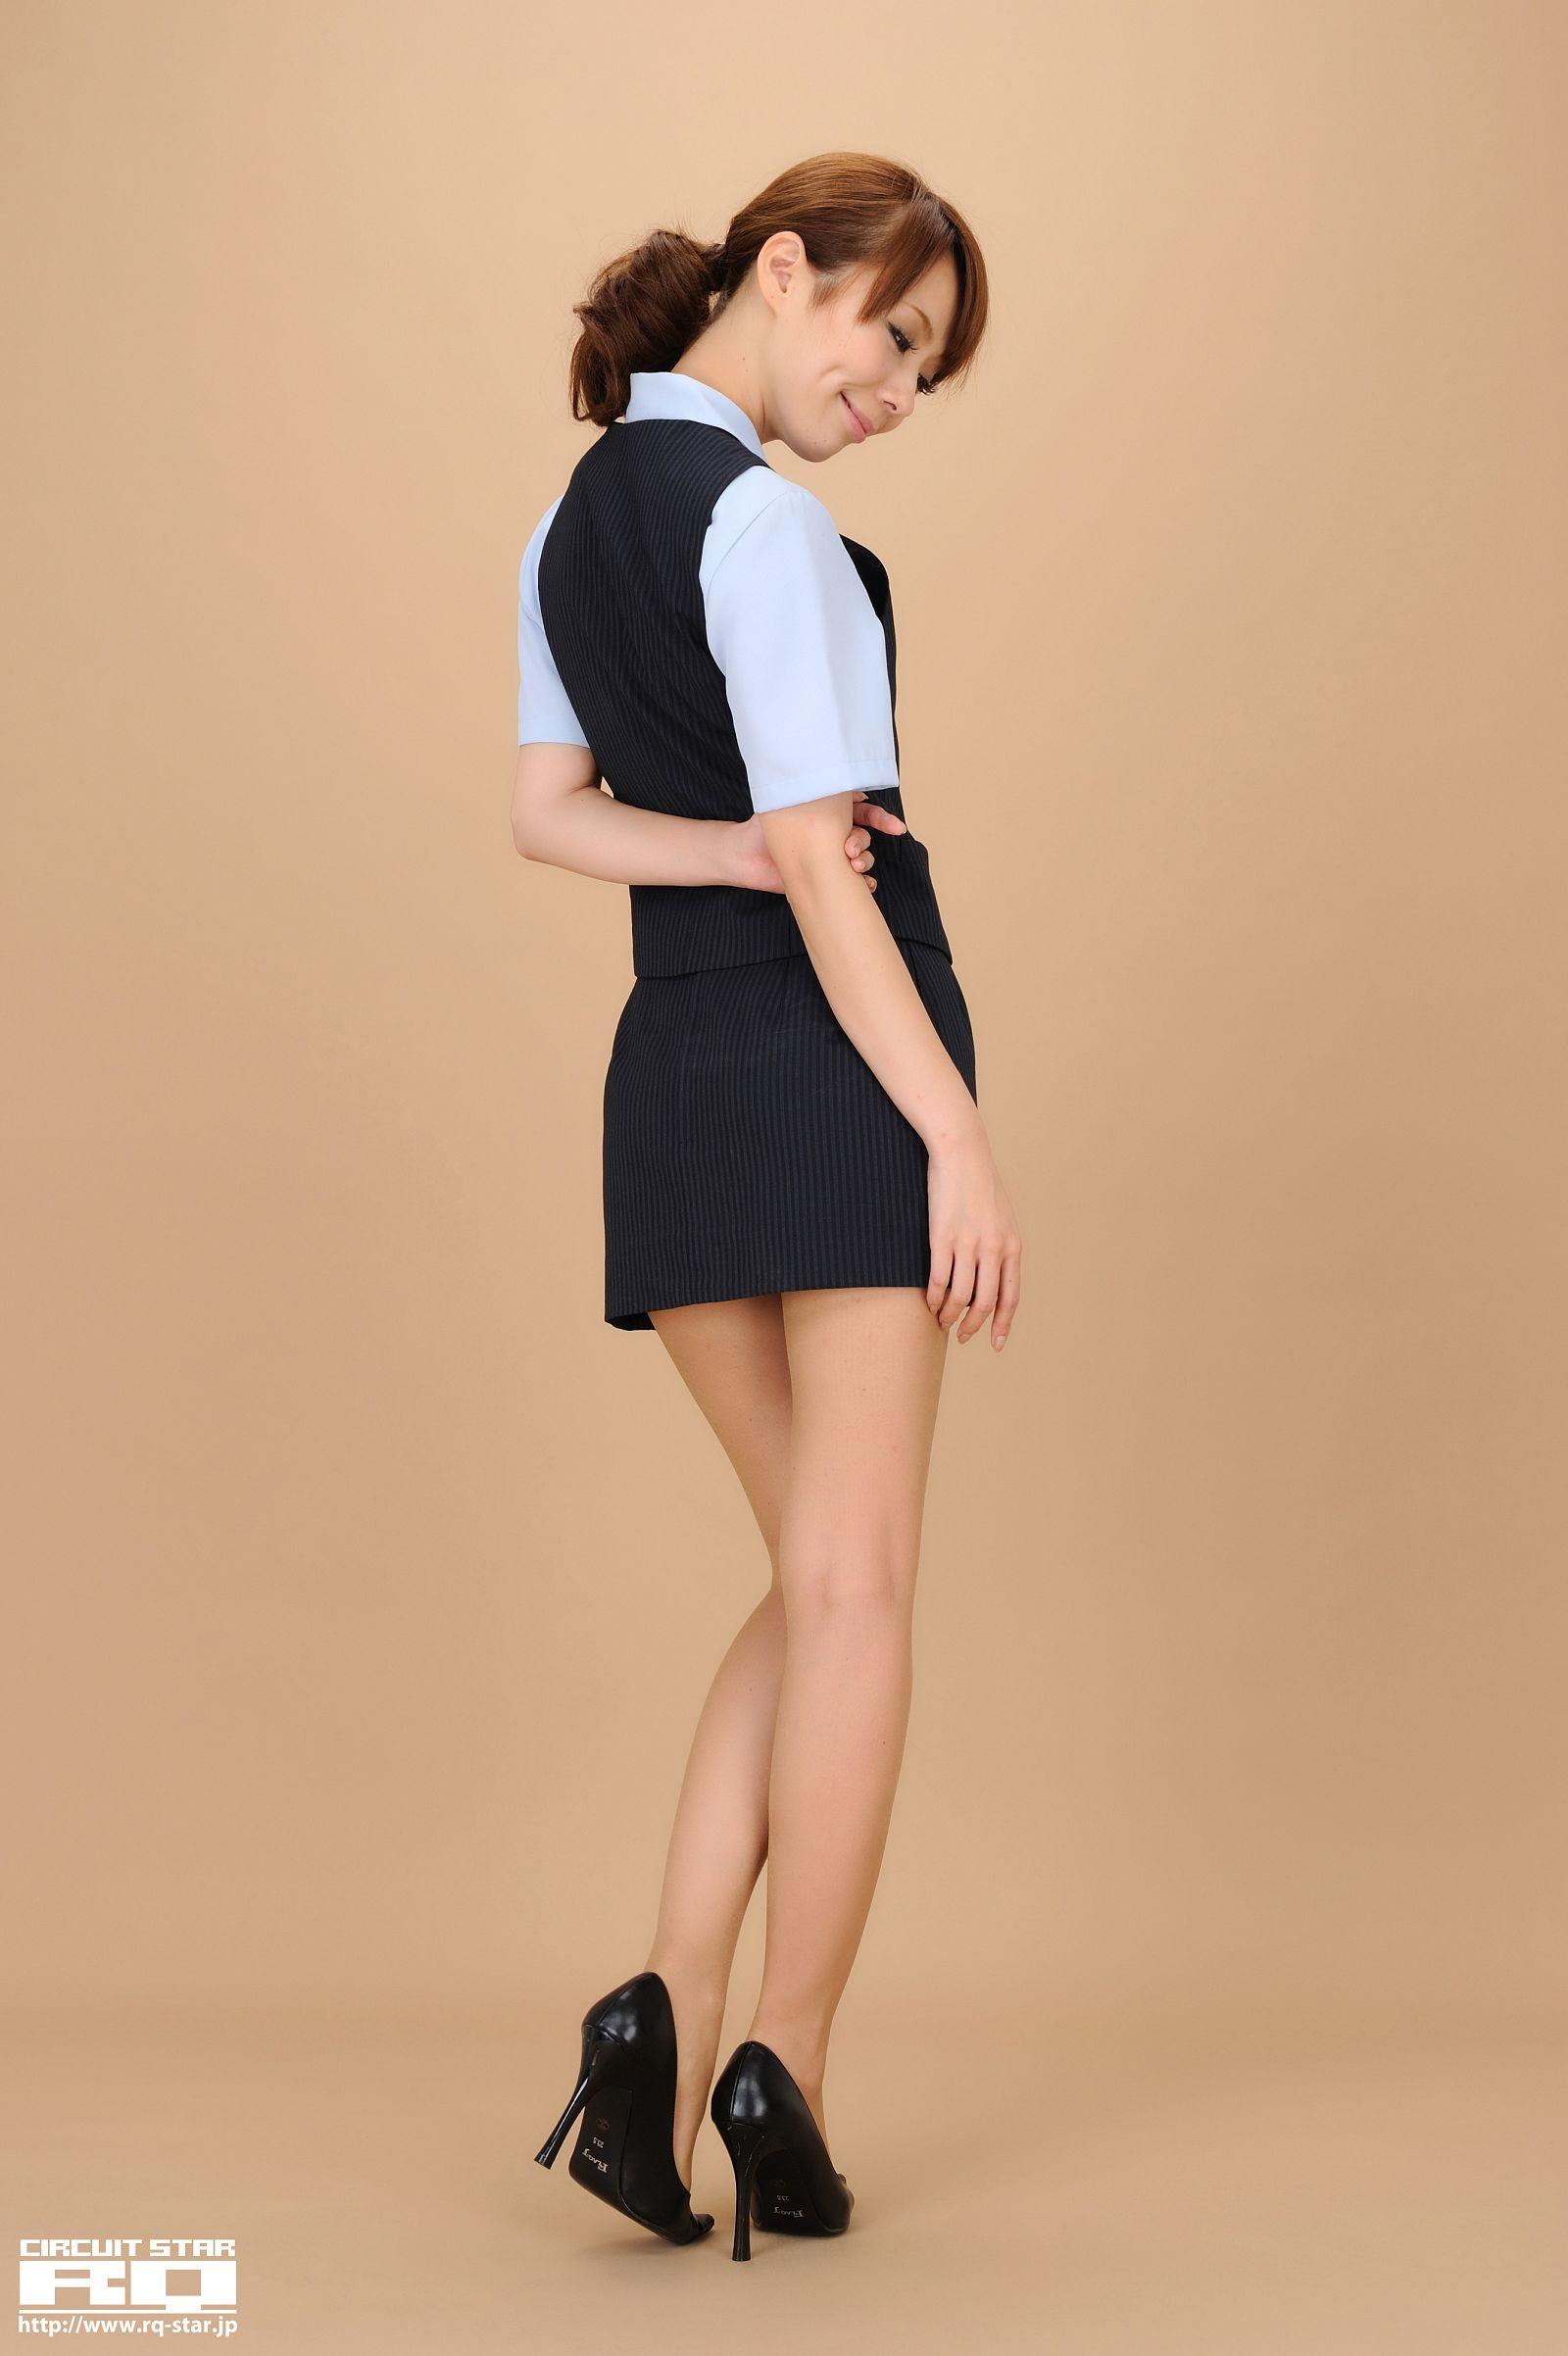 [RQ STAR美女] NO.00524 Ari Takada 高田亜鈴 Office Lady[115P] RQ STAR 第2张